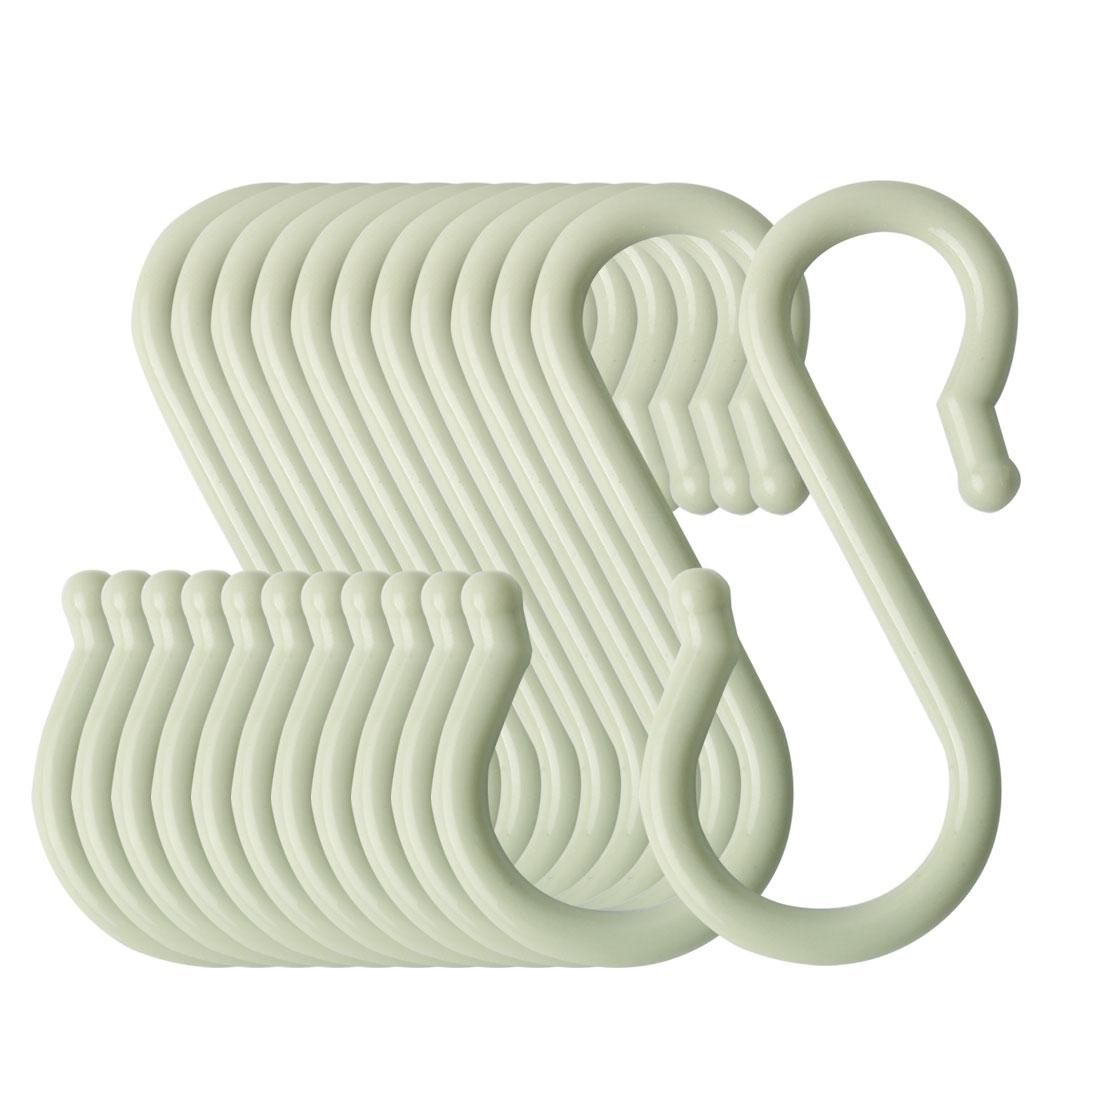 12 Pack S Shaped Hook Plastic for Kitchen Utensils Towel Hanger Light Green